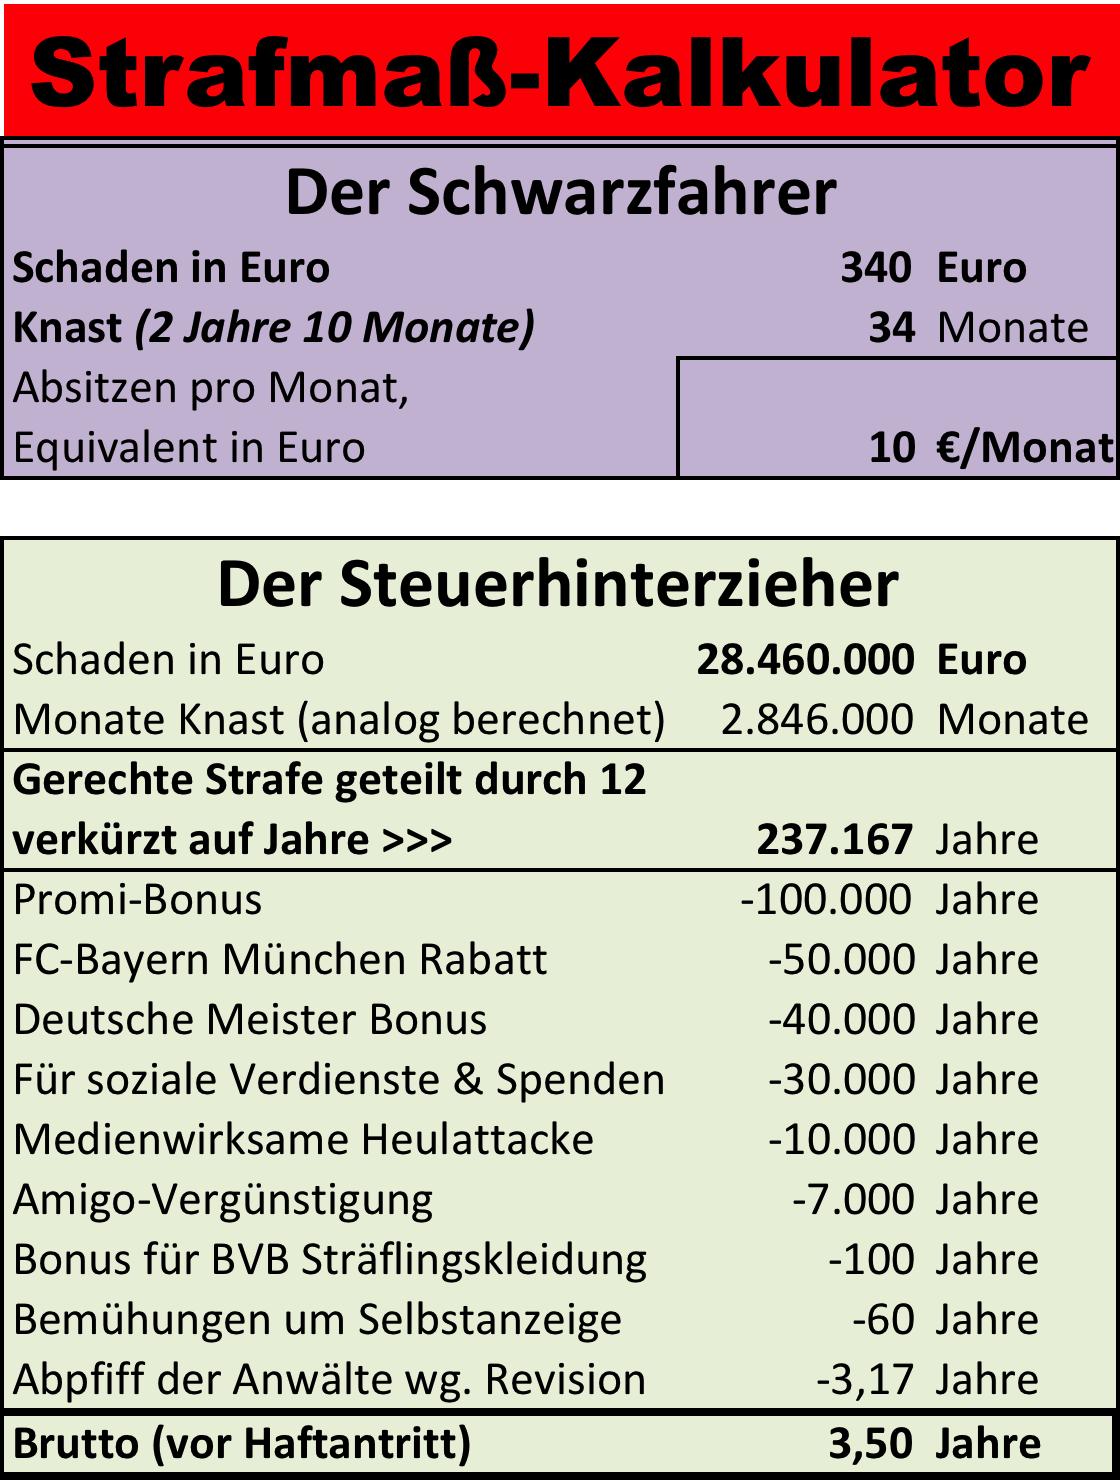 Strafmass-Kalkulator